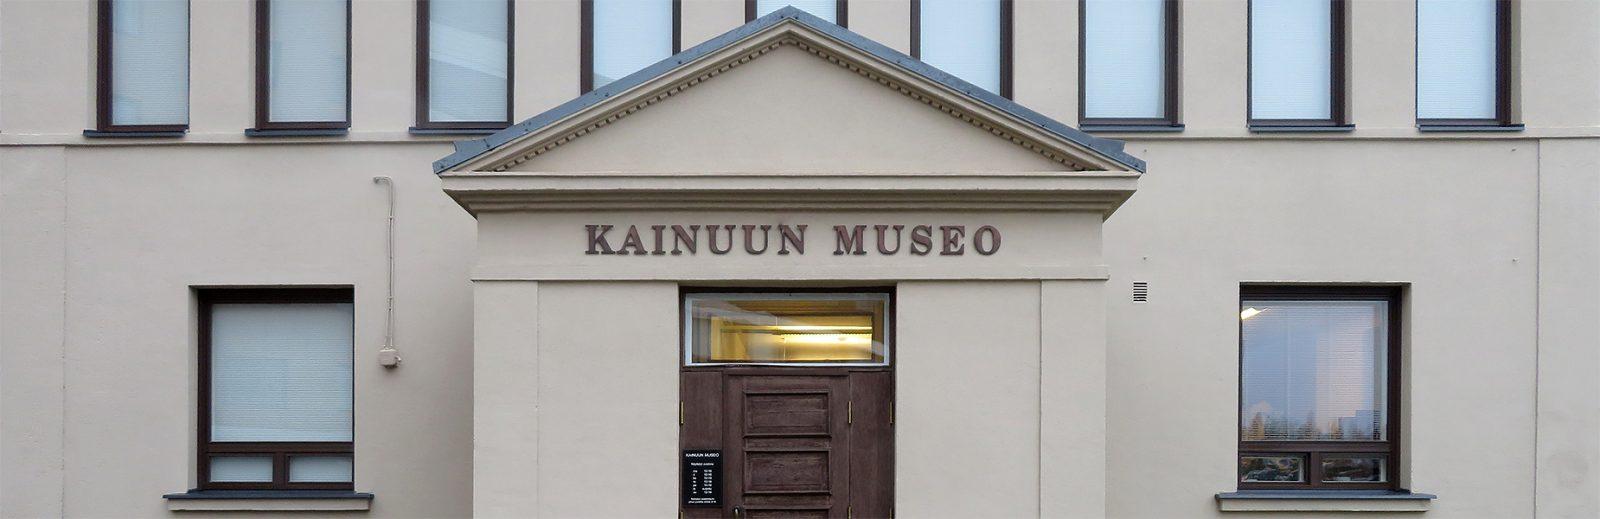 Kainuun Museon sisäänkäynti